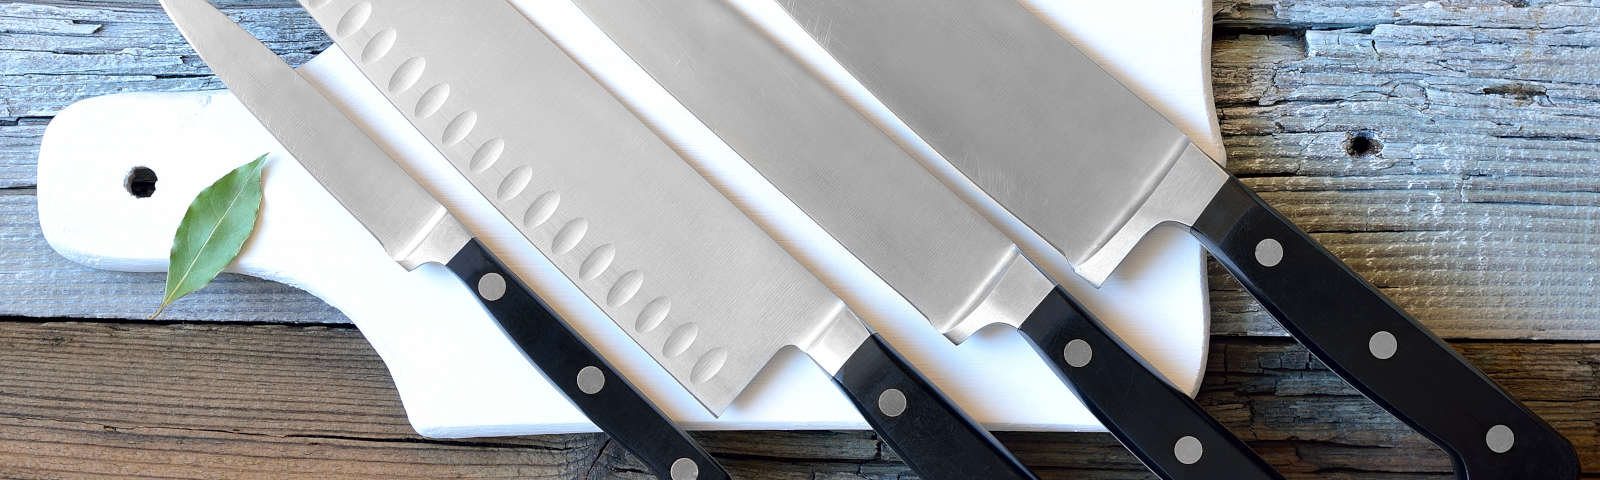 кухонные ножи изображение